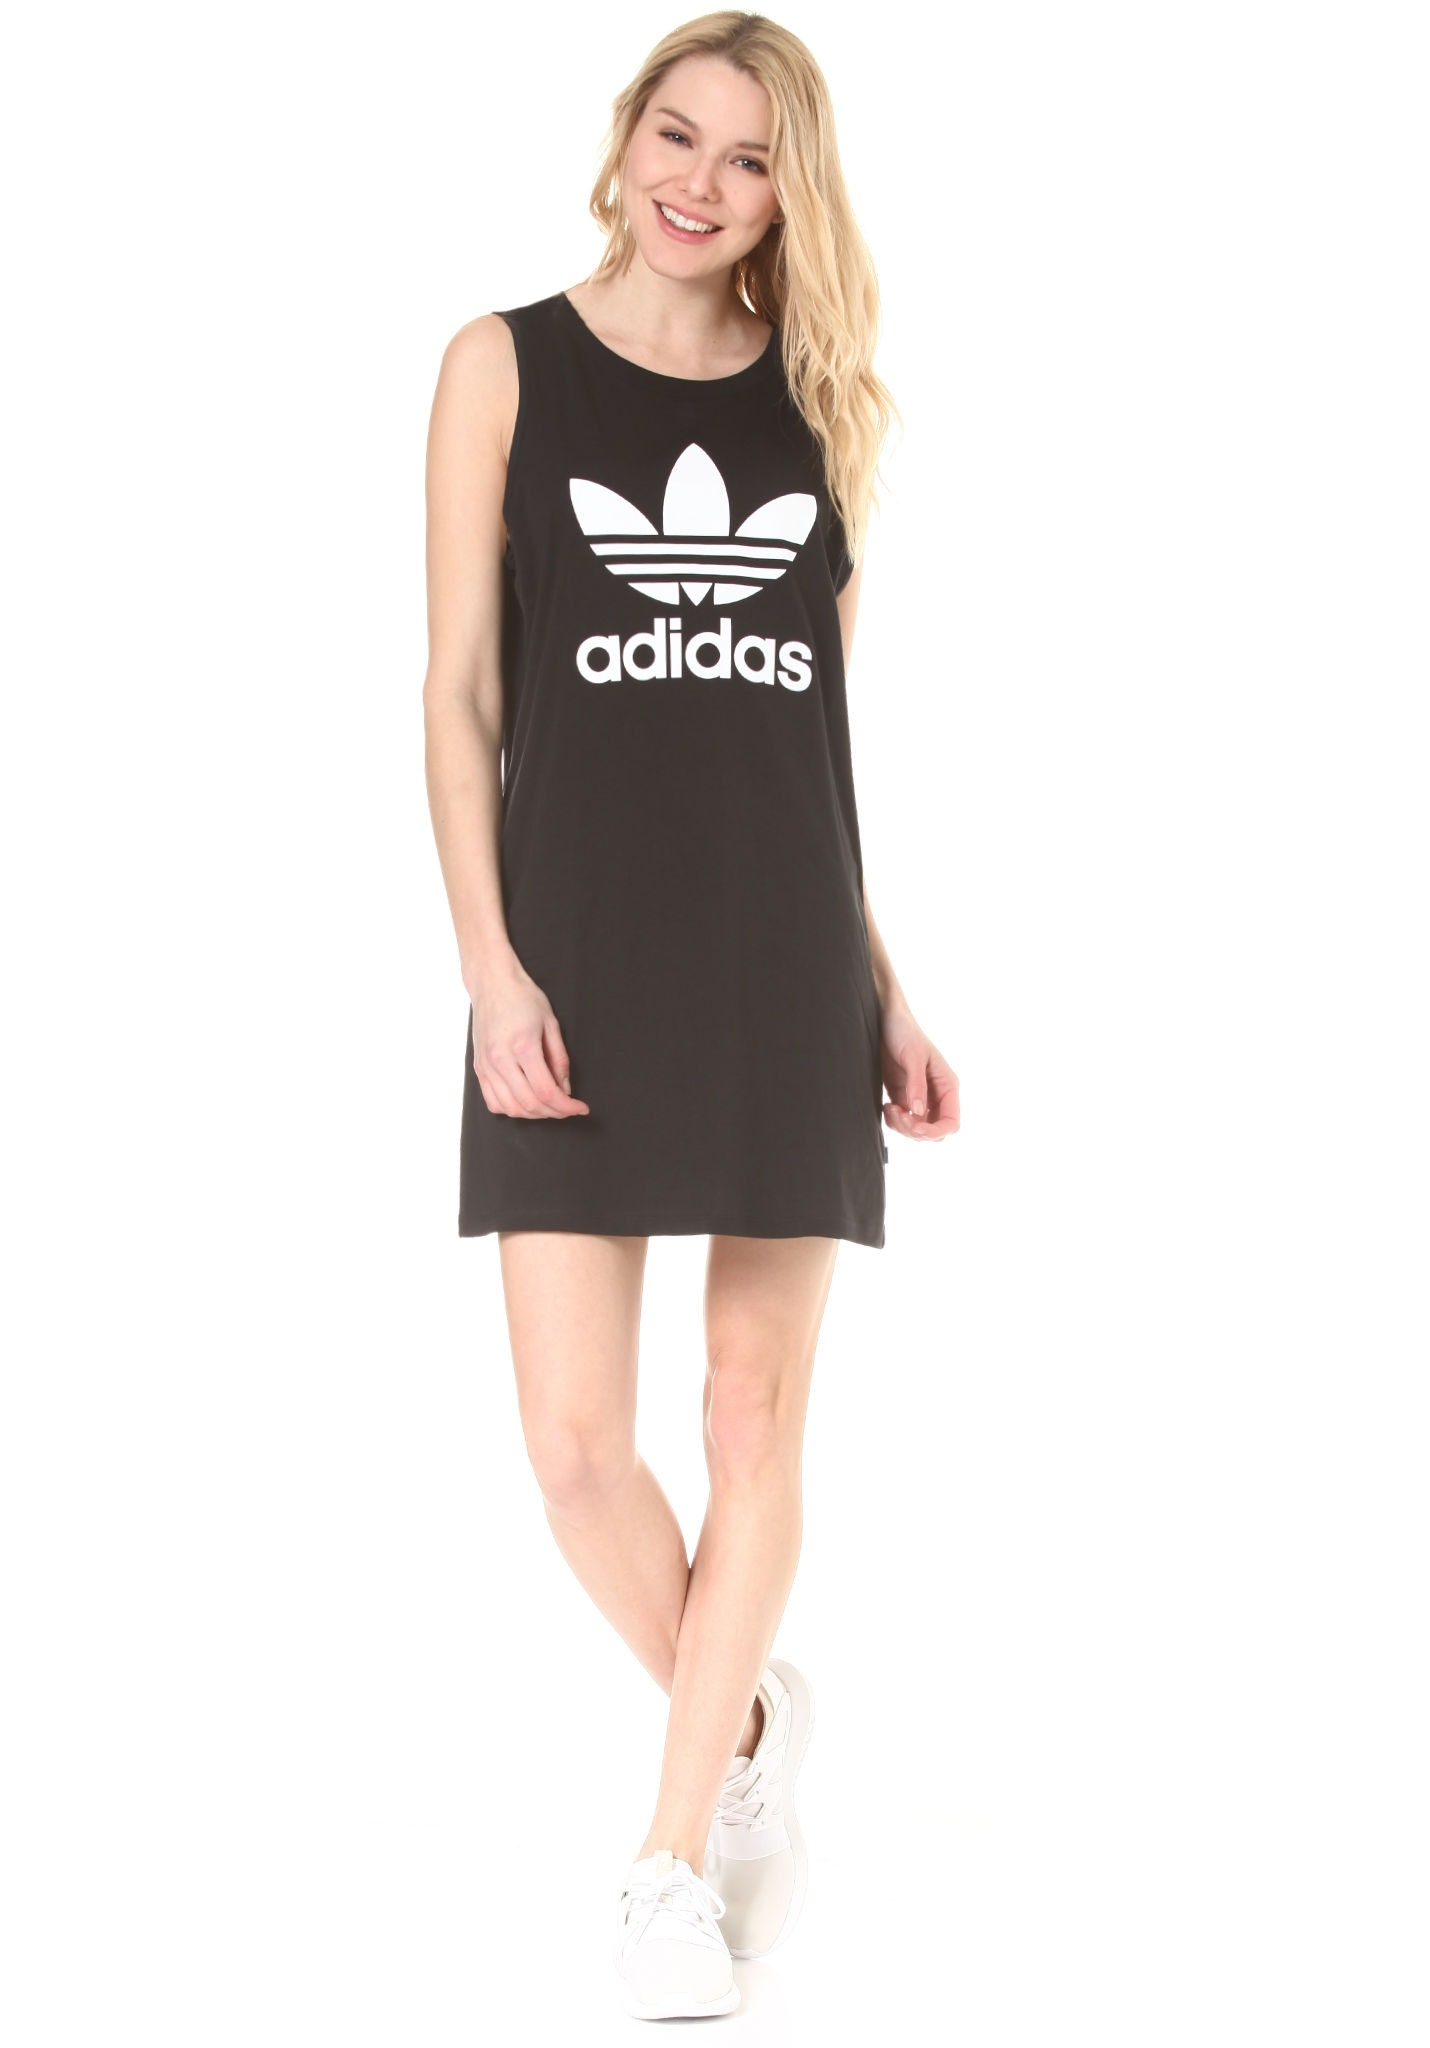 10 Schön Kleid Für Damen Spezialgebiet13 Elegant Kleid Für Damen Ärmel